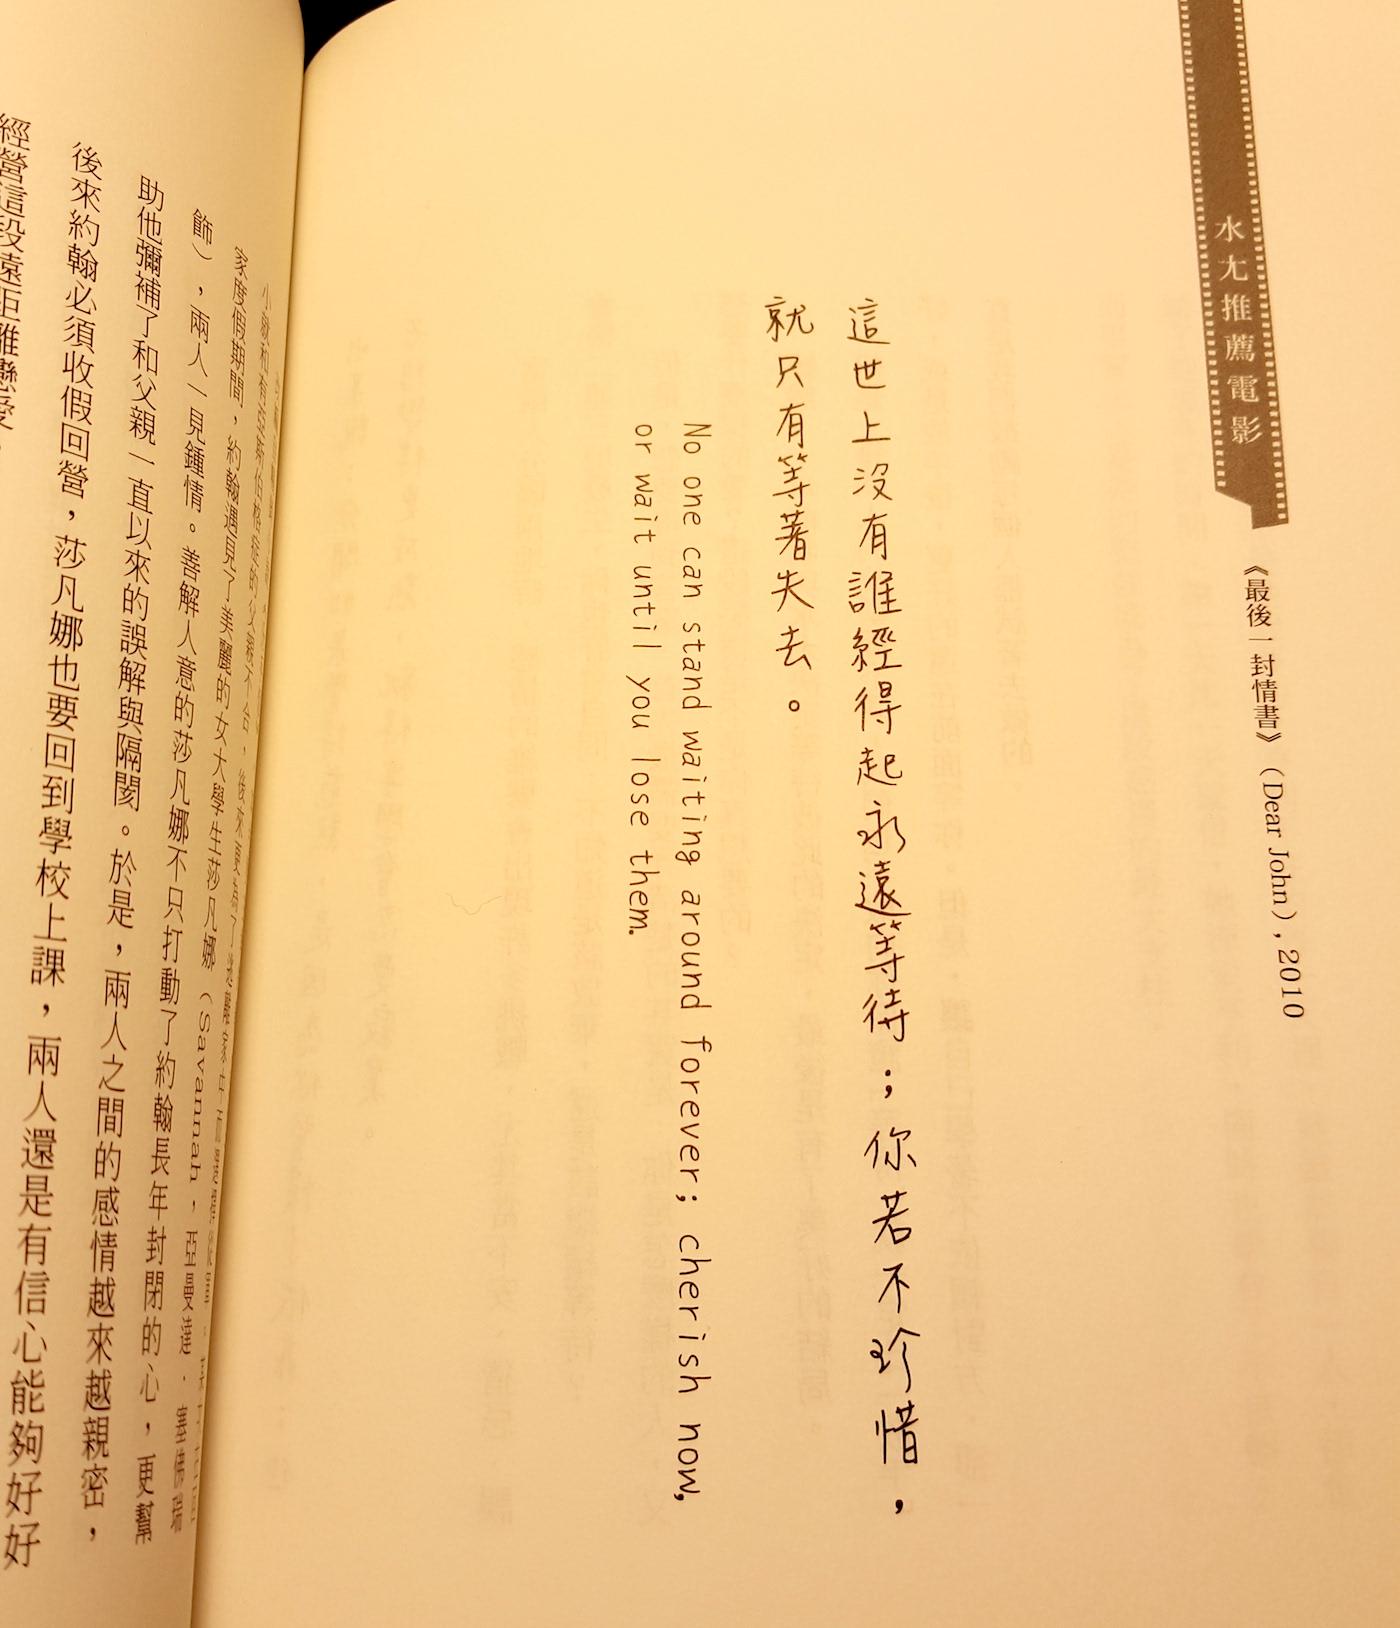 Book - Dear John